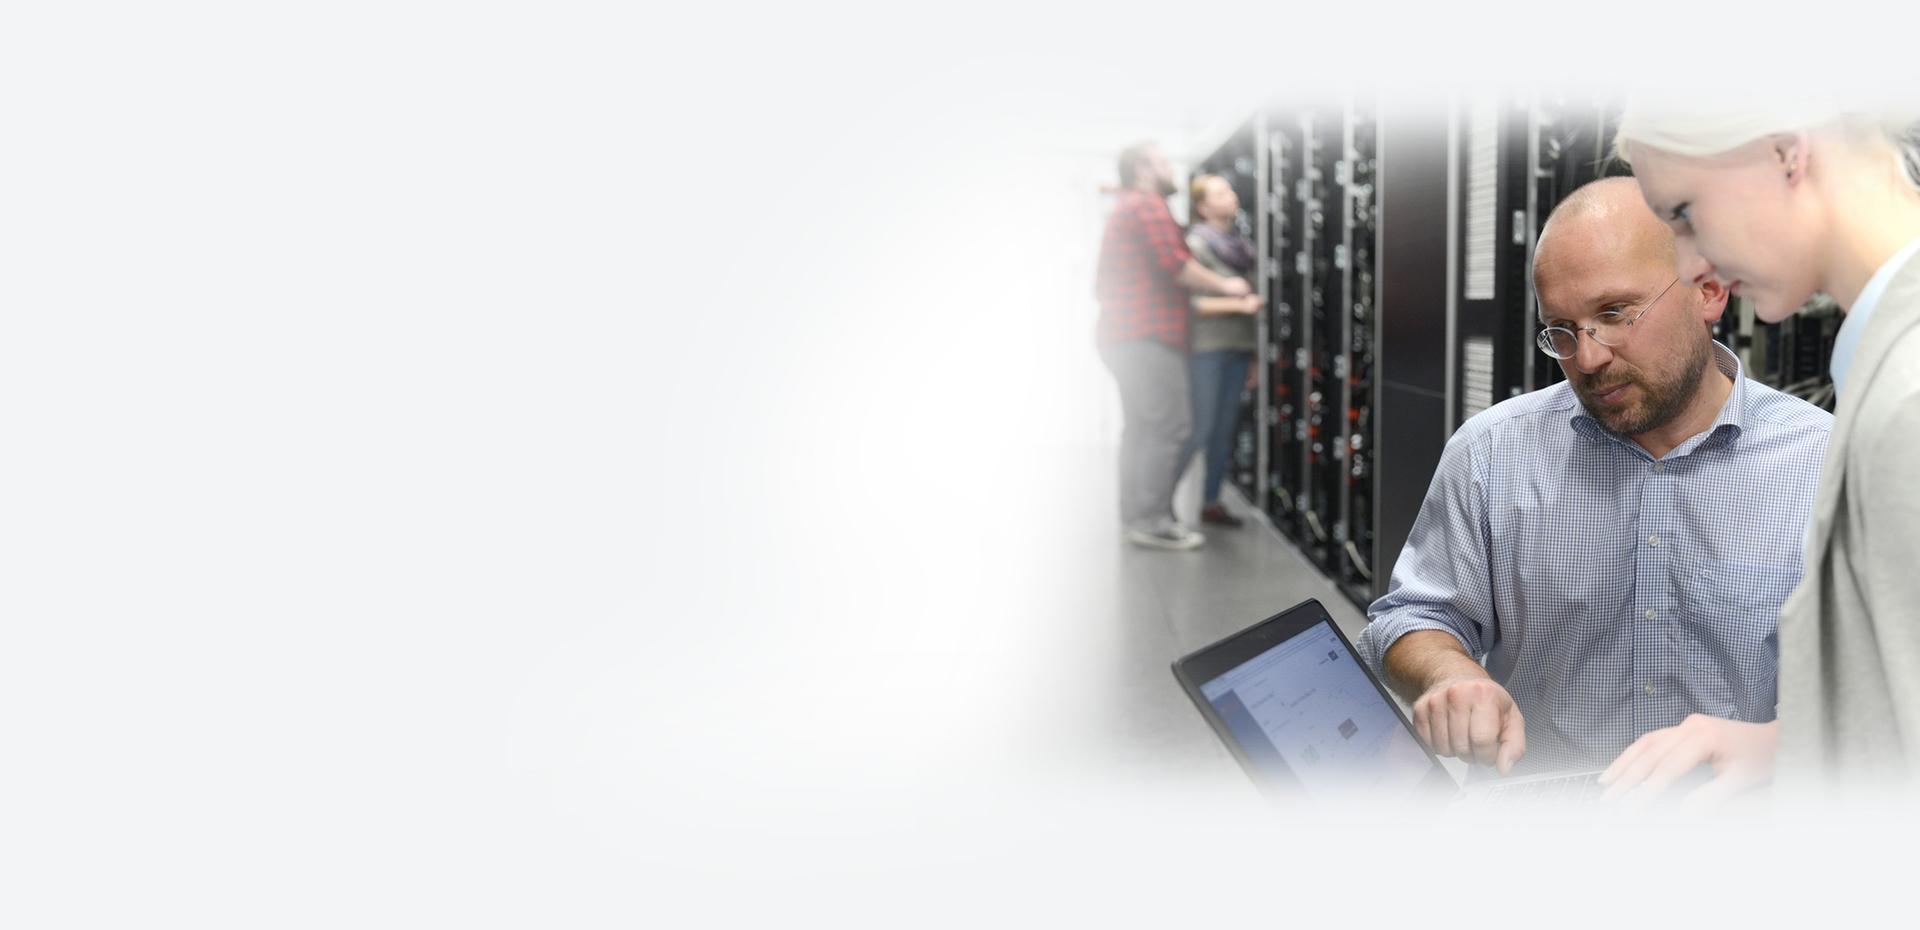 Brose IT Karriere, Informationstechnik: Rückgrat des Unternehmens